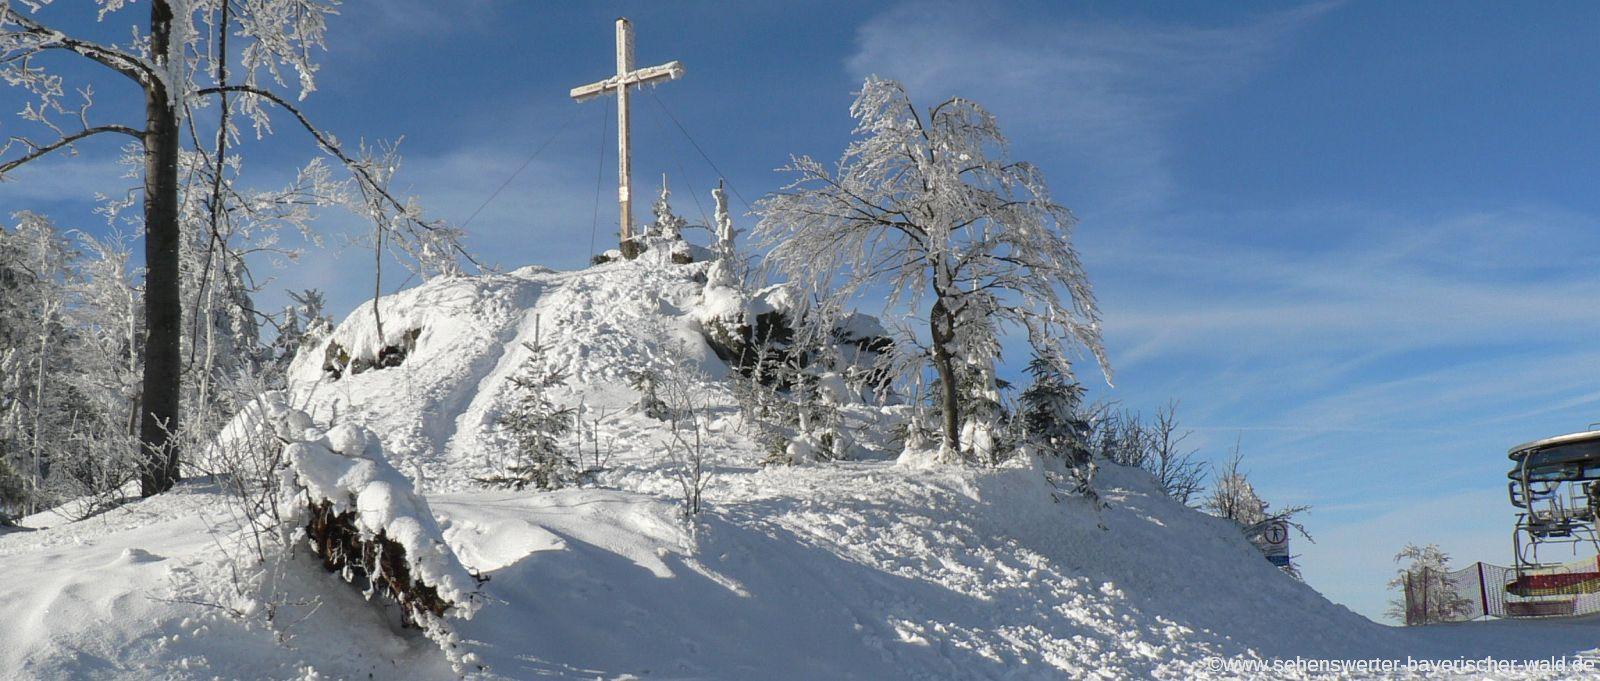 Winterurlaub im Dreiländereck Gipfelkreuz am Zwieselberg im Skigebiet Hochficht